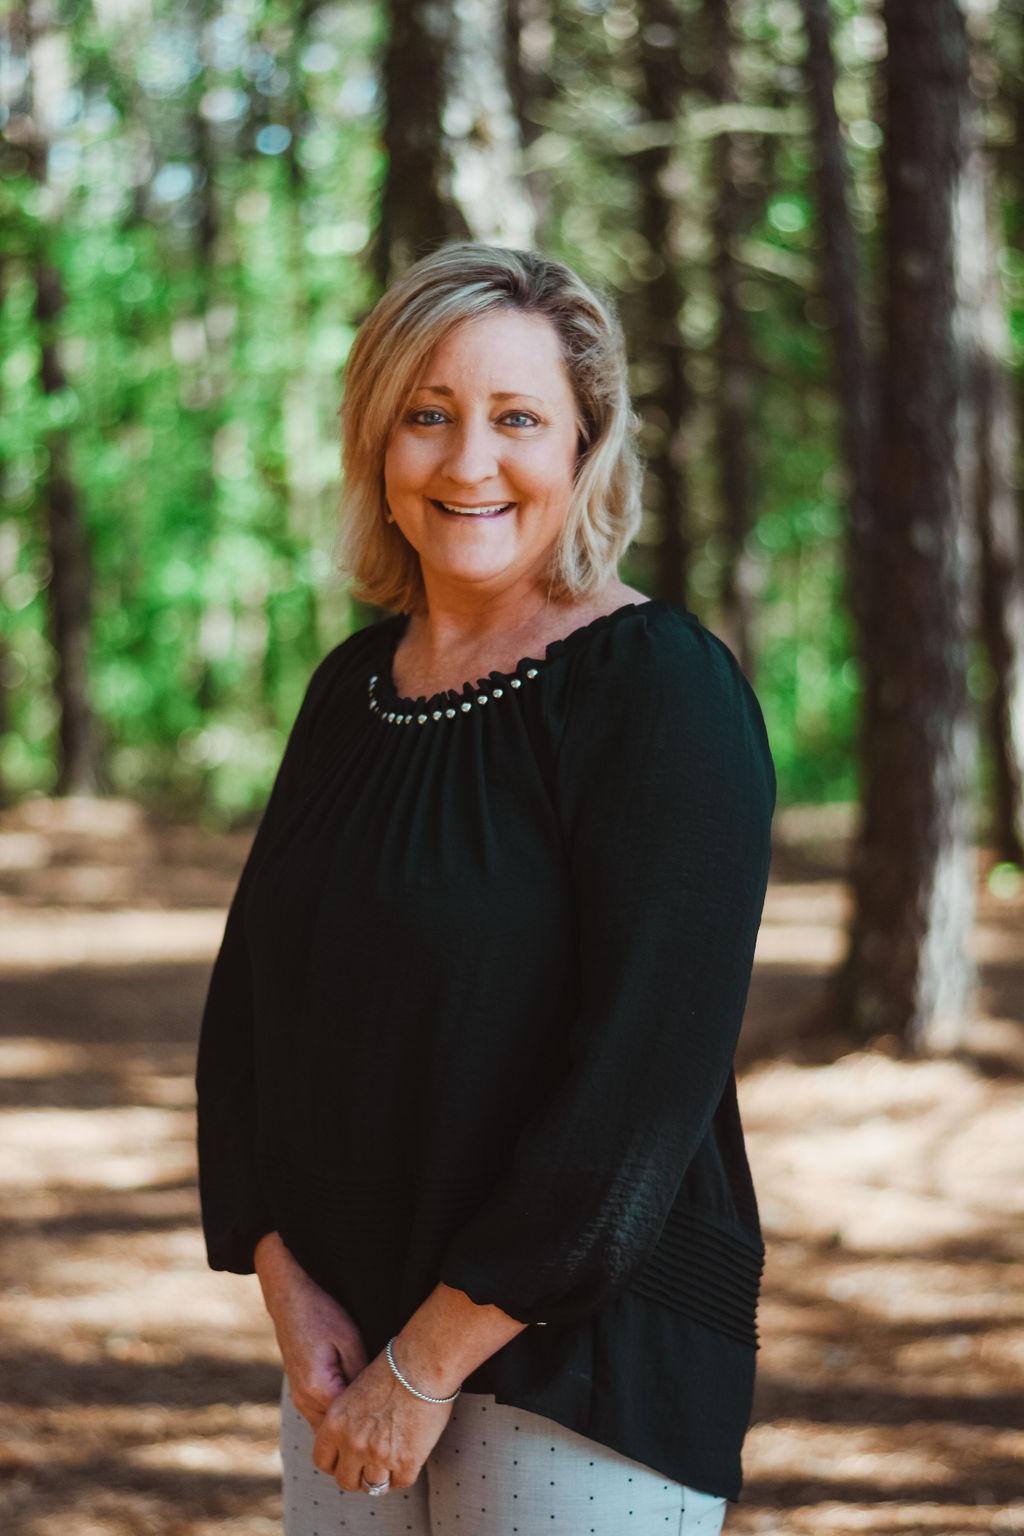 Sheri Ginty, Advocacy Specialist